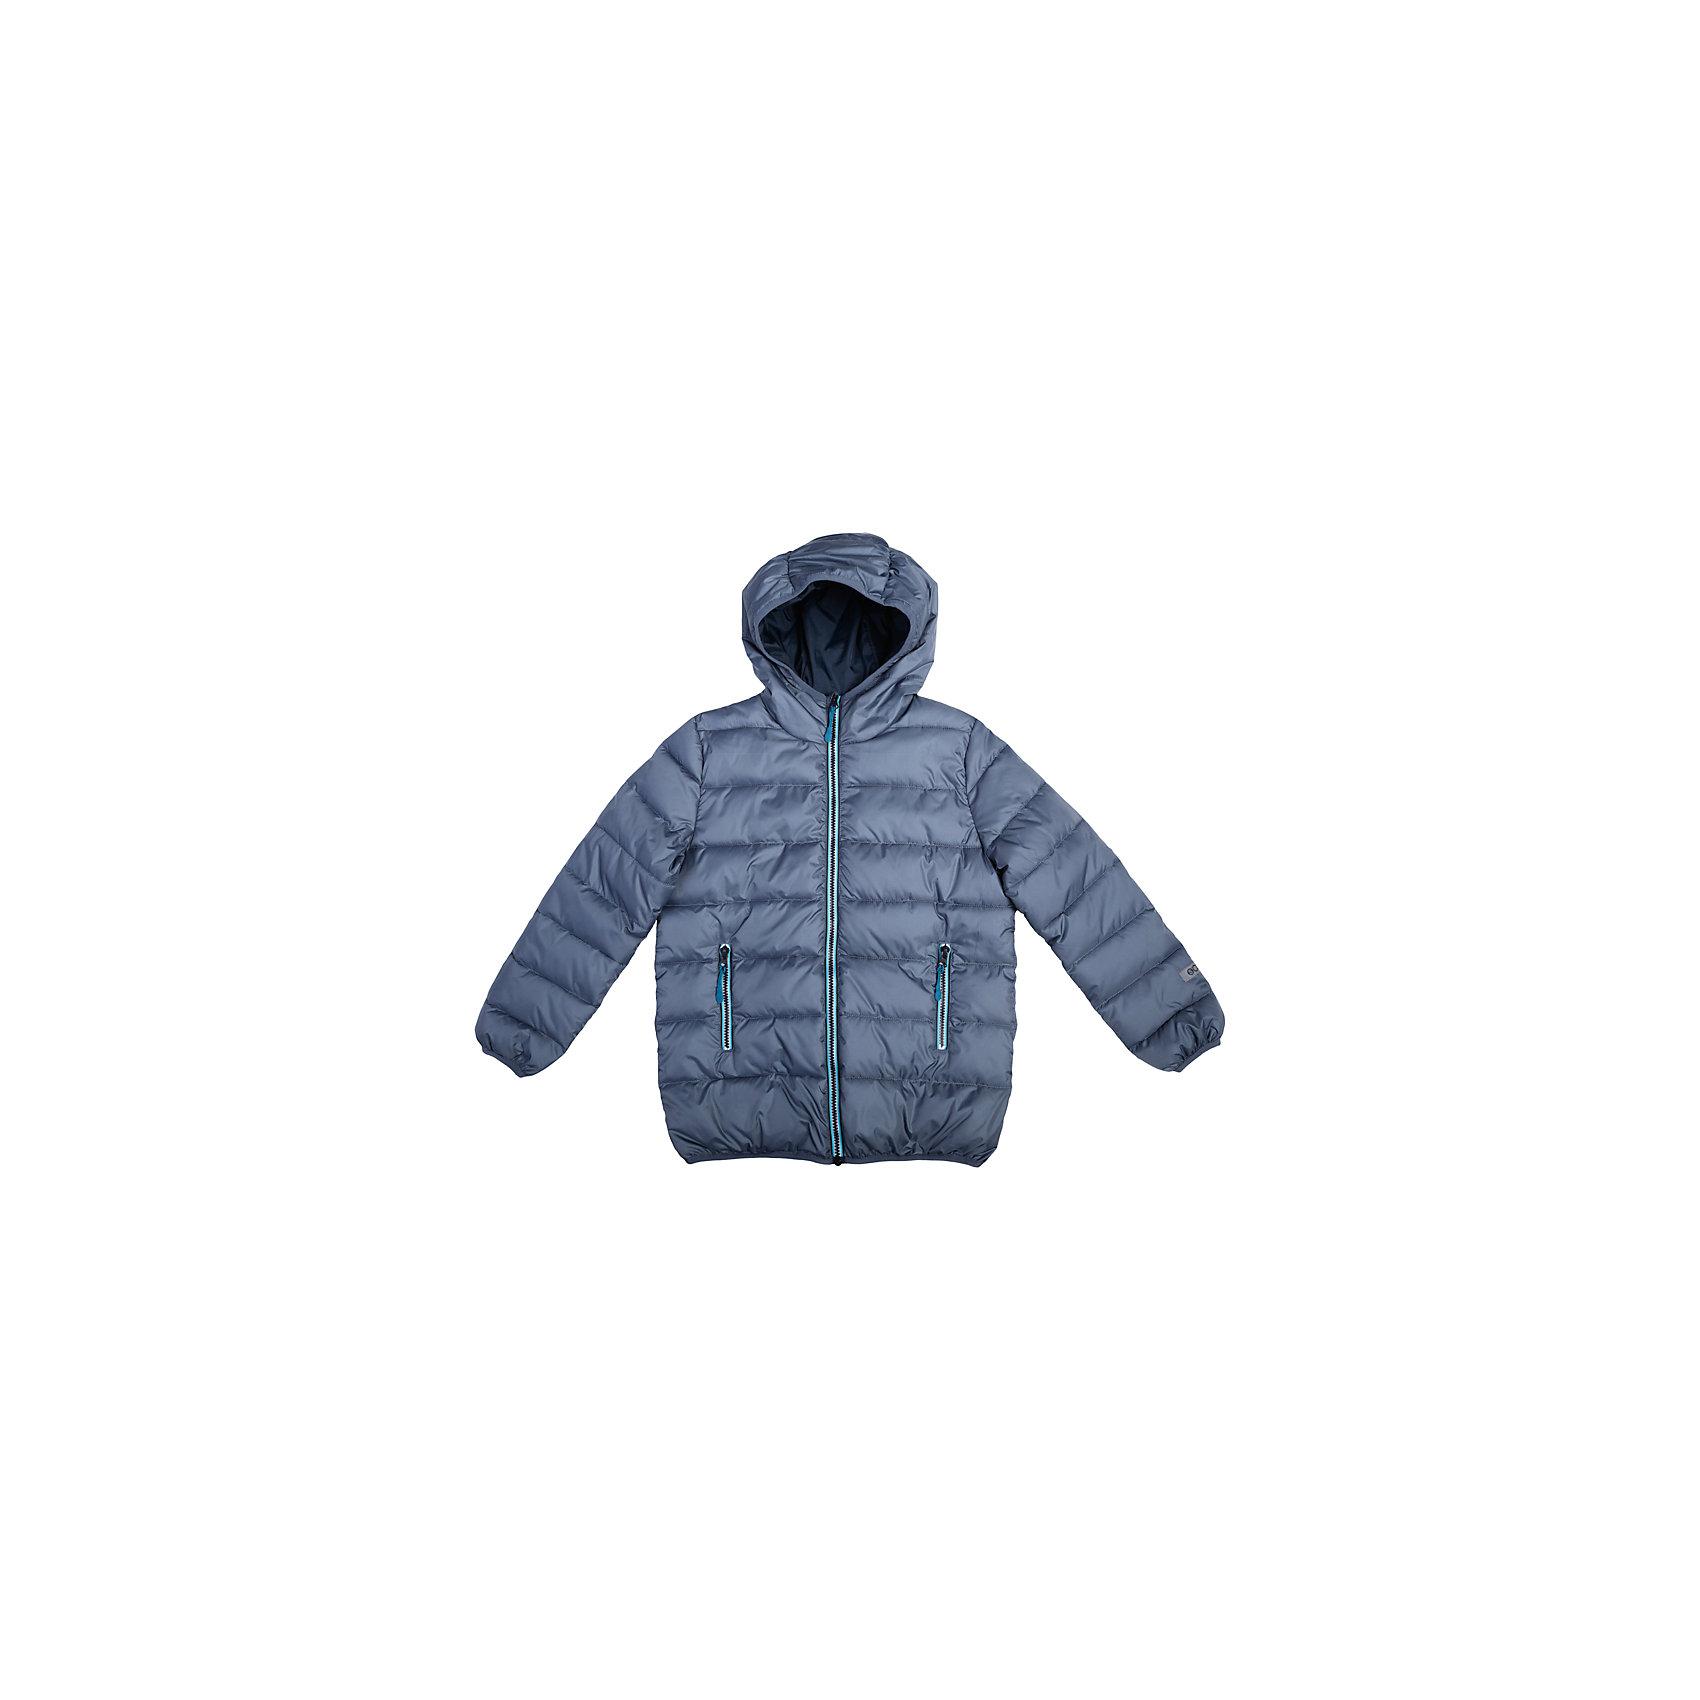 Куртка для мальчика ScoolВерхняя одежда<br>Куртка для мальчика из коллекции «Скорость» от известного бренда Scool. Стильная и удобная  стеганая куртка на осень/весну. Приятный стальной цвет сочетается со стилем самой куртки и подходит к декоративной обработке молний темно-голубого цвета. У куртки два удобных кармана. Стиль кутки позволяет носить с ней как классические вещи, так и спортивные.<br><br>Дополнительная информация:<br>- Силуэт: прямой<br>- Длина: средняя<br>- Молния с защитой подбородка<br><br>Состав: Верх: 100% полиэстер, Подкладка: 100% полиэстер, Наполнитель: 100% полиэстер, 150 г<br><br>Куртку для мальчика Scool можно купить в нашем интернет-магазине.<br><br>Подробнее:<br>• Для детей в возрасте: от 8 до 14 лет<br>• Номер товара: 4911388<br>Страна производитель: Китай<br><br>Ширина мм: 356<br>Глубина мм: 10<br>Высота мм: 245<br>Вес г: 519<br>Цвет: синий<br>Возраст от месяцев: 96<br>Возраст до месяцев: 108<br>Пол: Мужской<br>Возраст: Детский<br>Размер: 134,146,164,158,152,140<br>SKU: 4911387